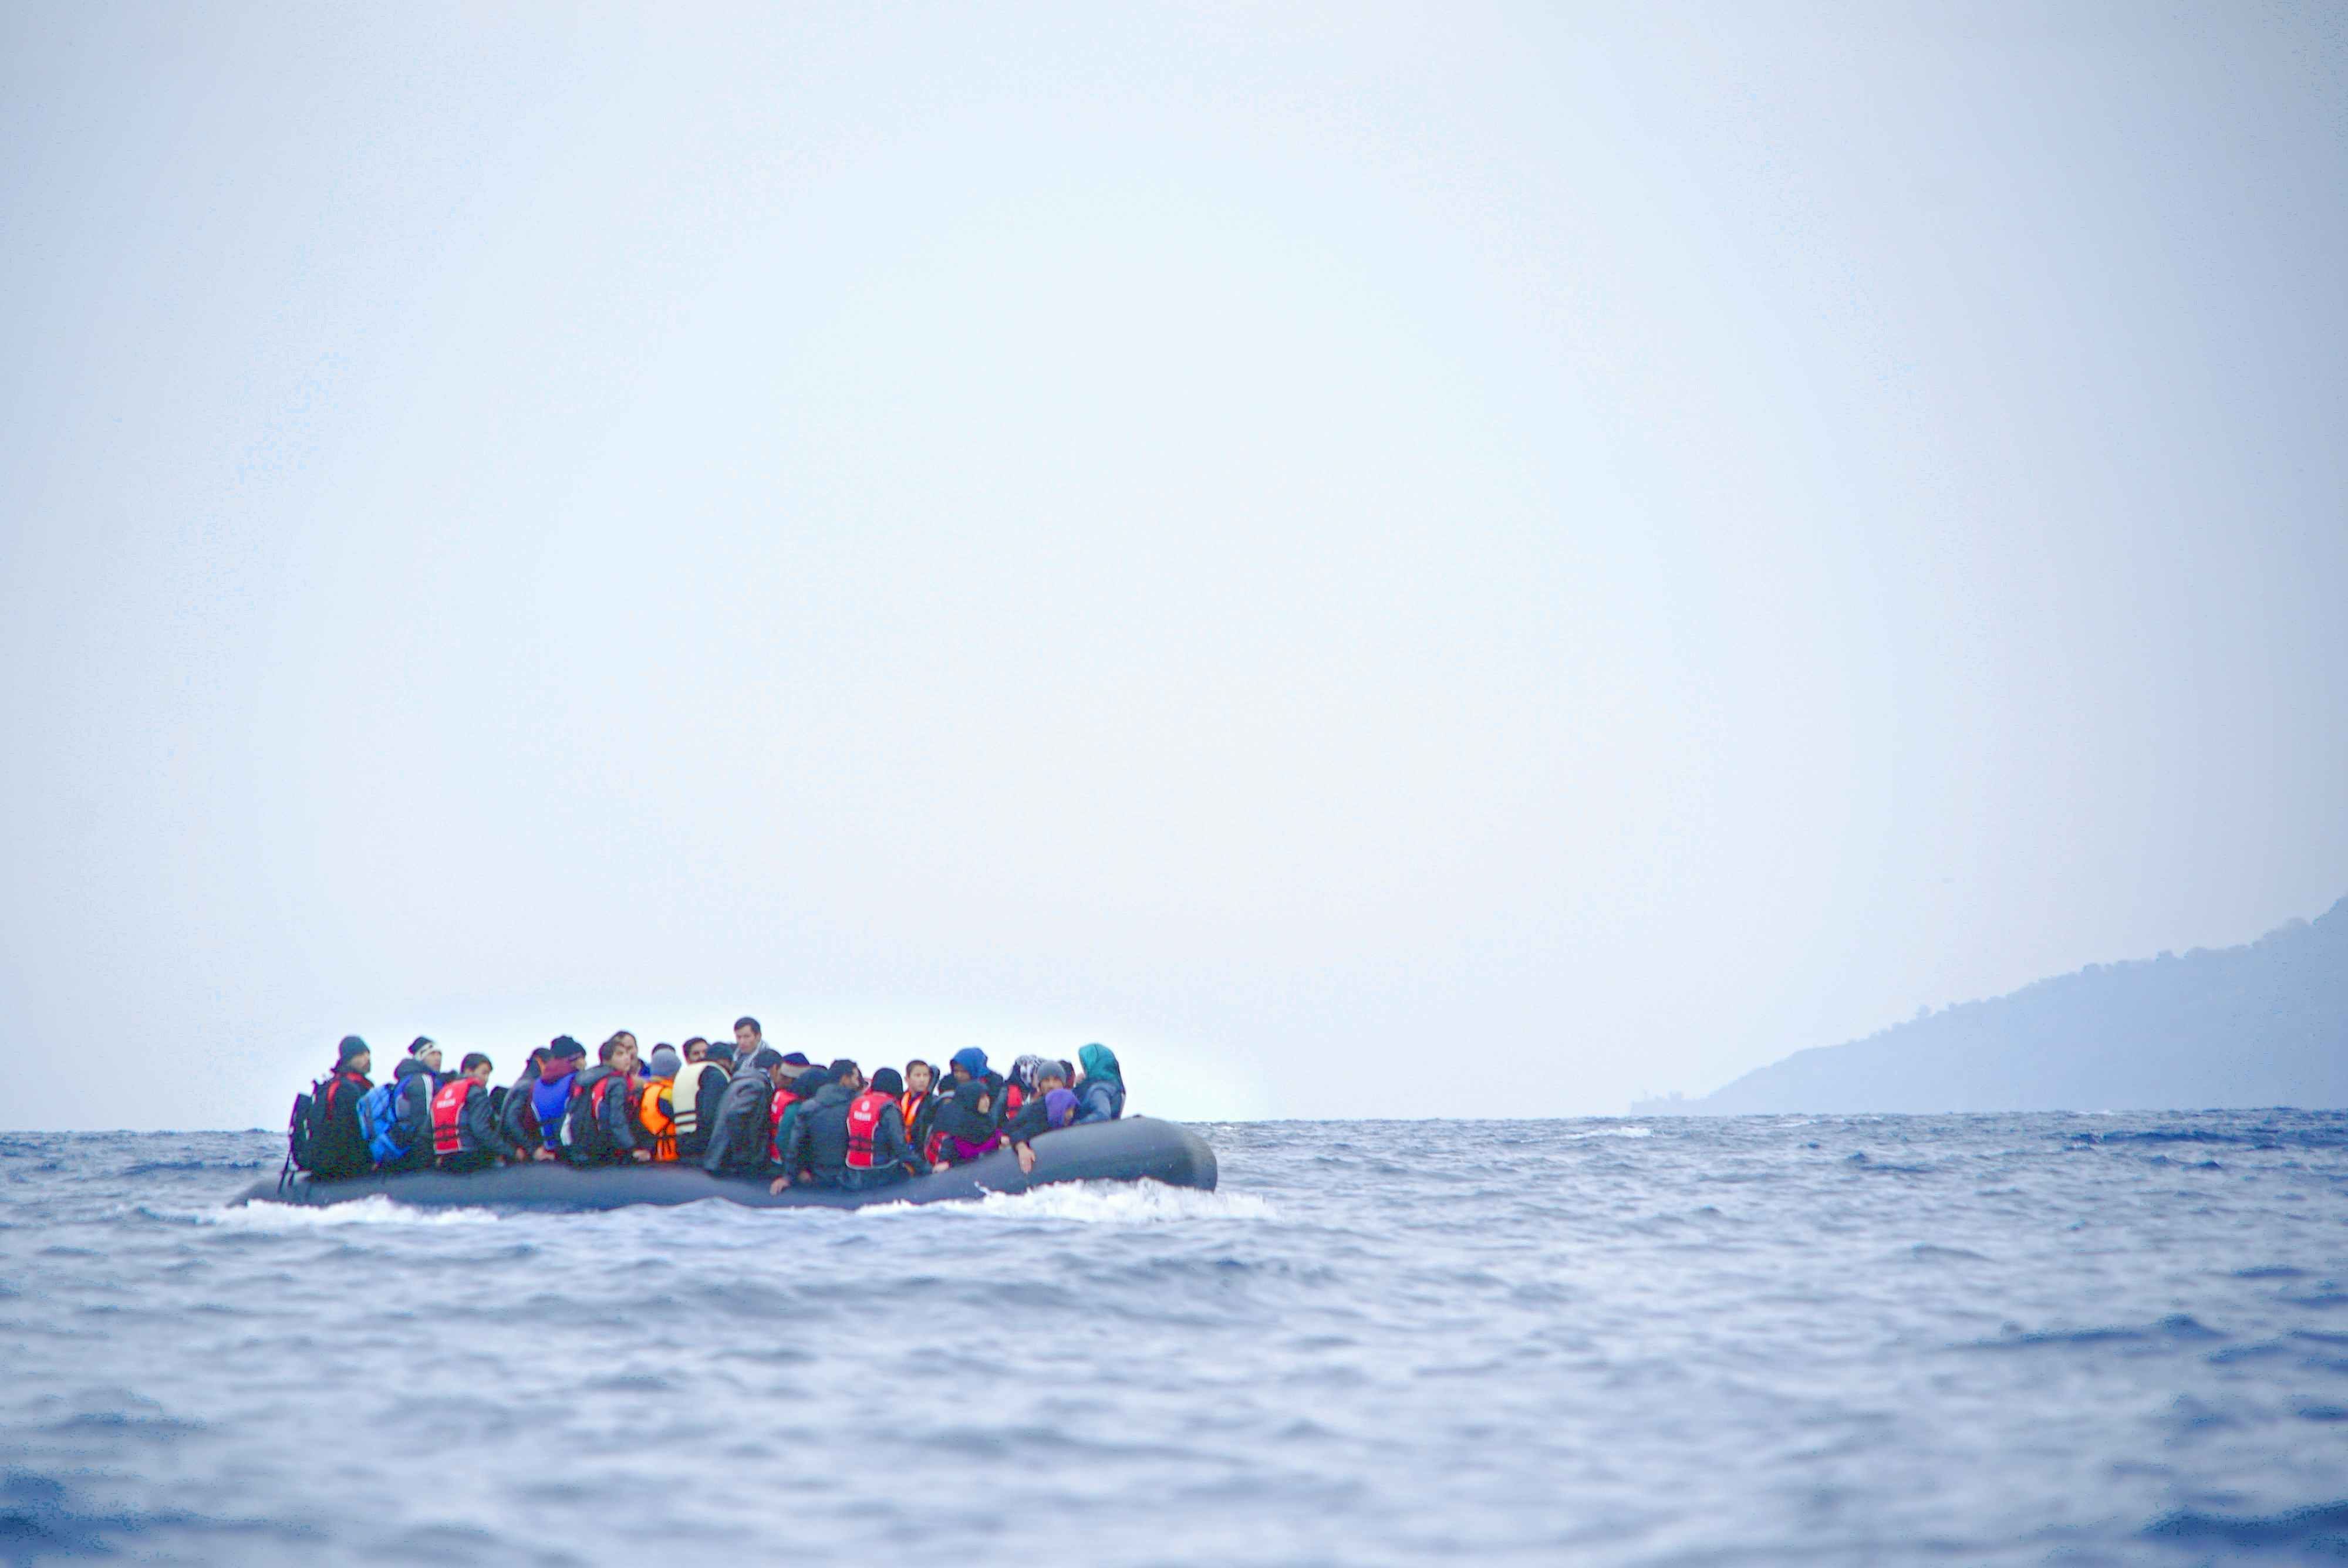 Depiction of Refugiados de la Guerra Civil Siria